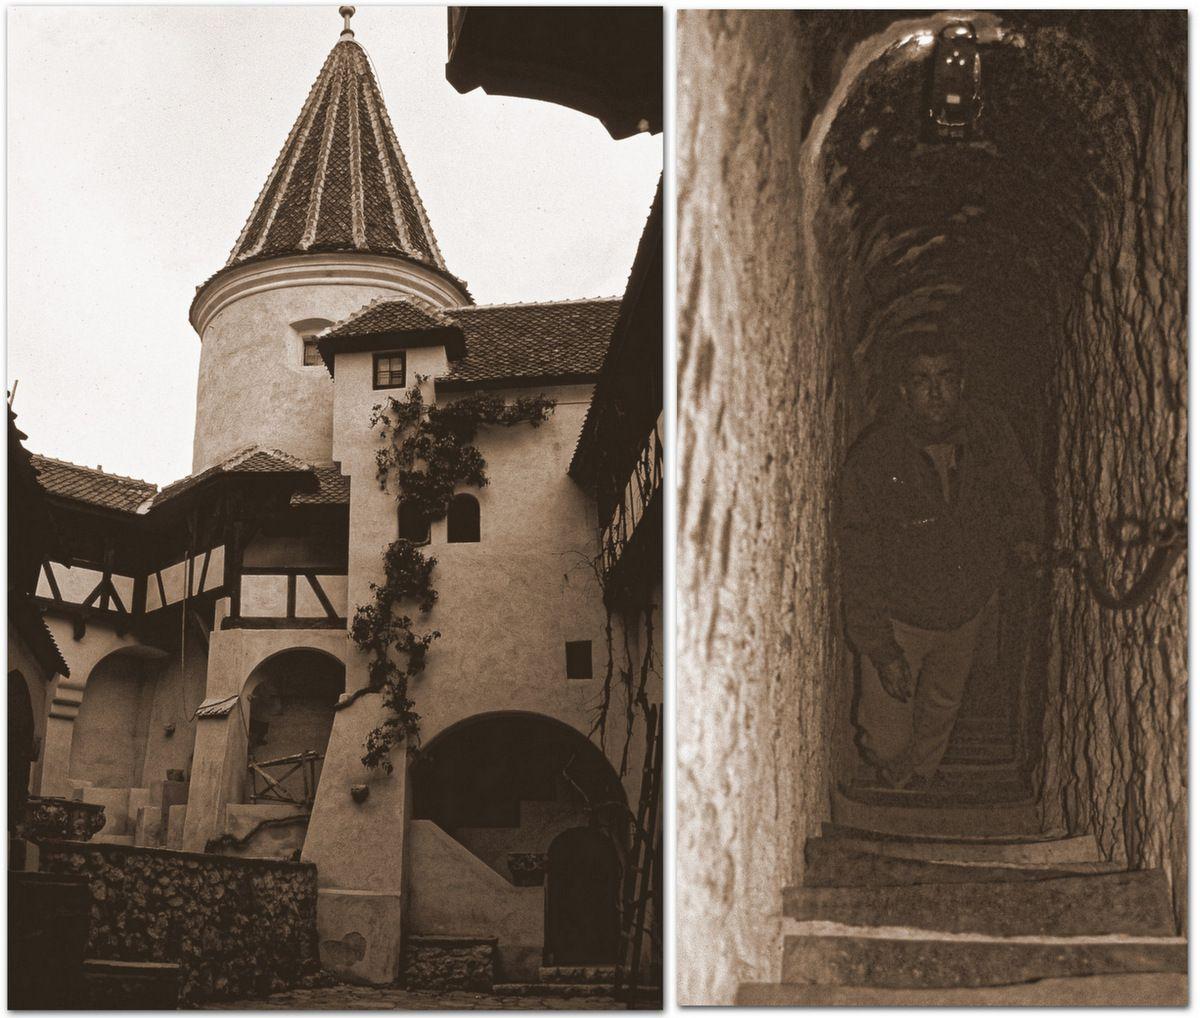 Le Château de Bran, le Faux Château de Dracula et ses passages secrets.